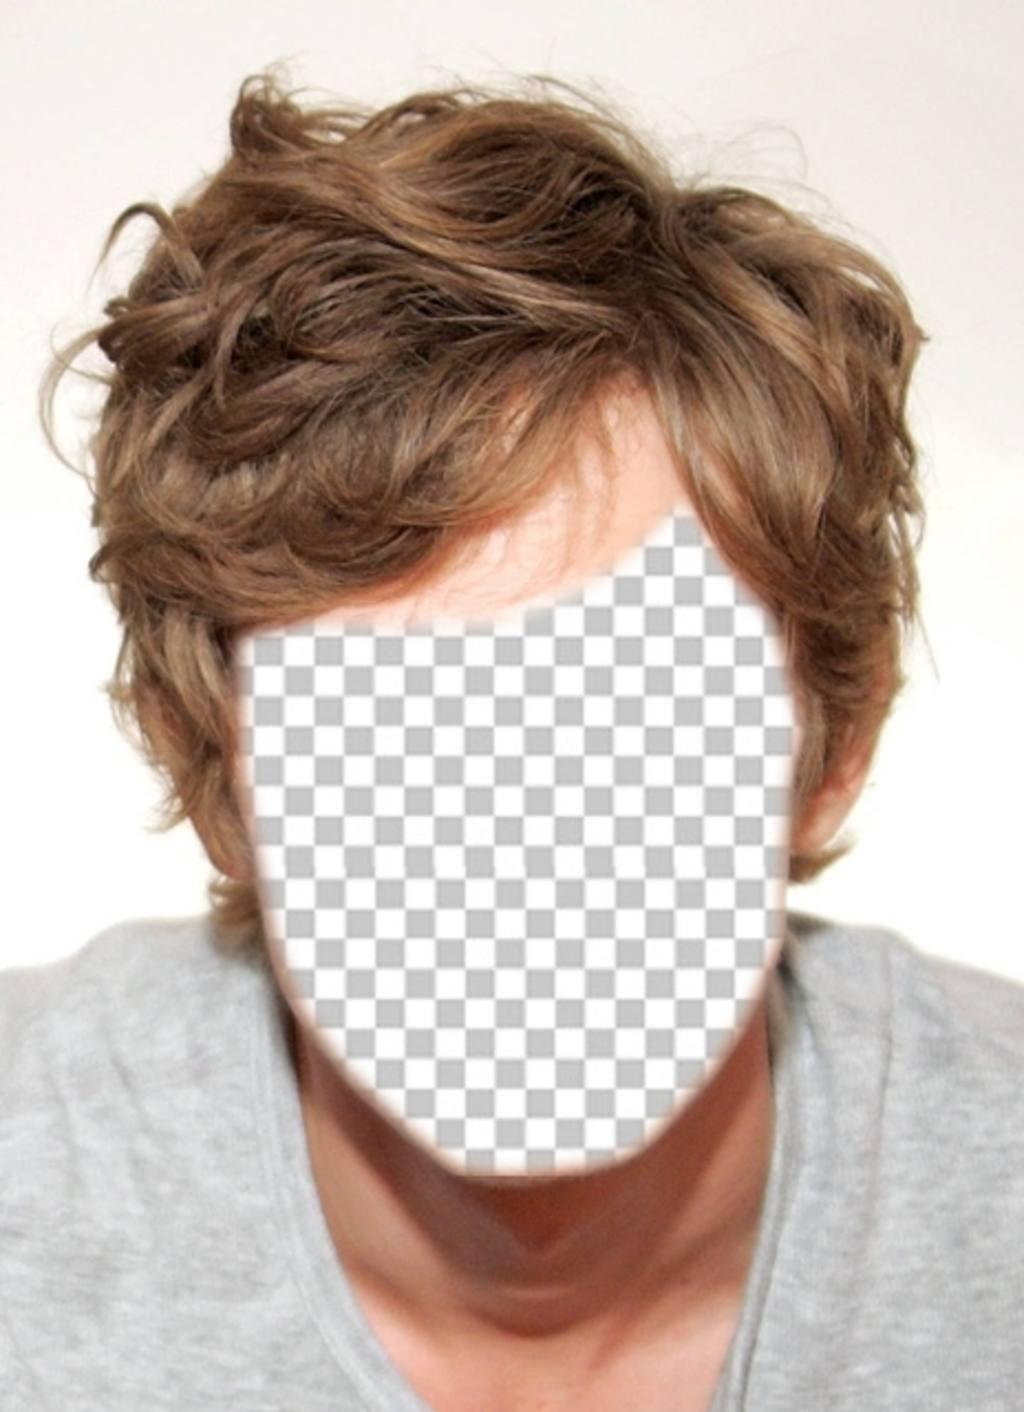 Freie Fotomontage für Männer und die Haare blond